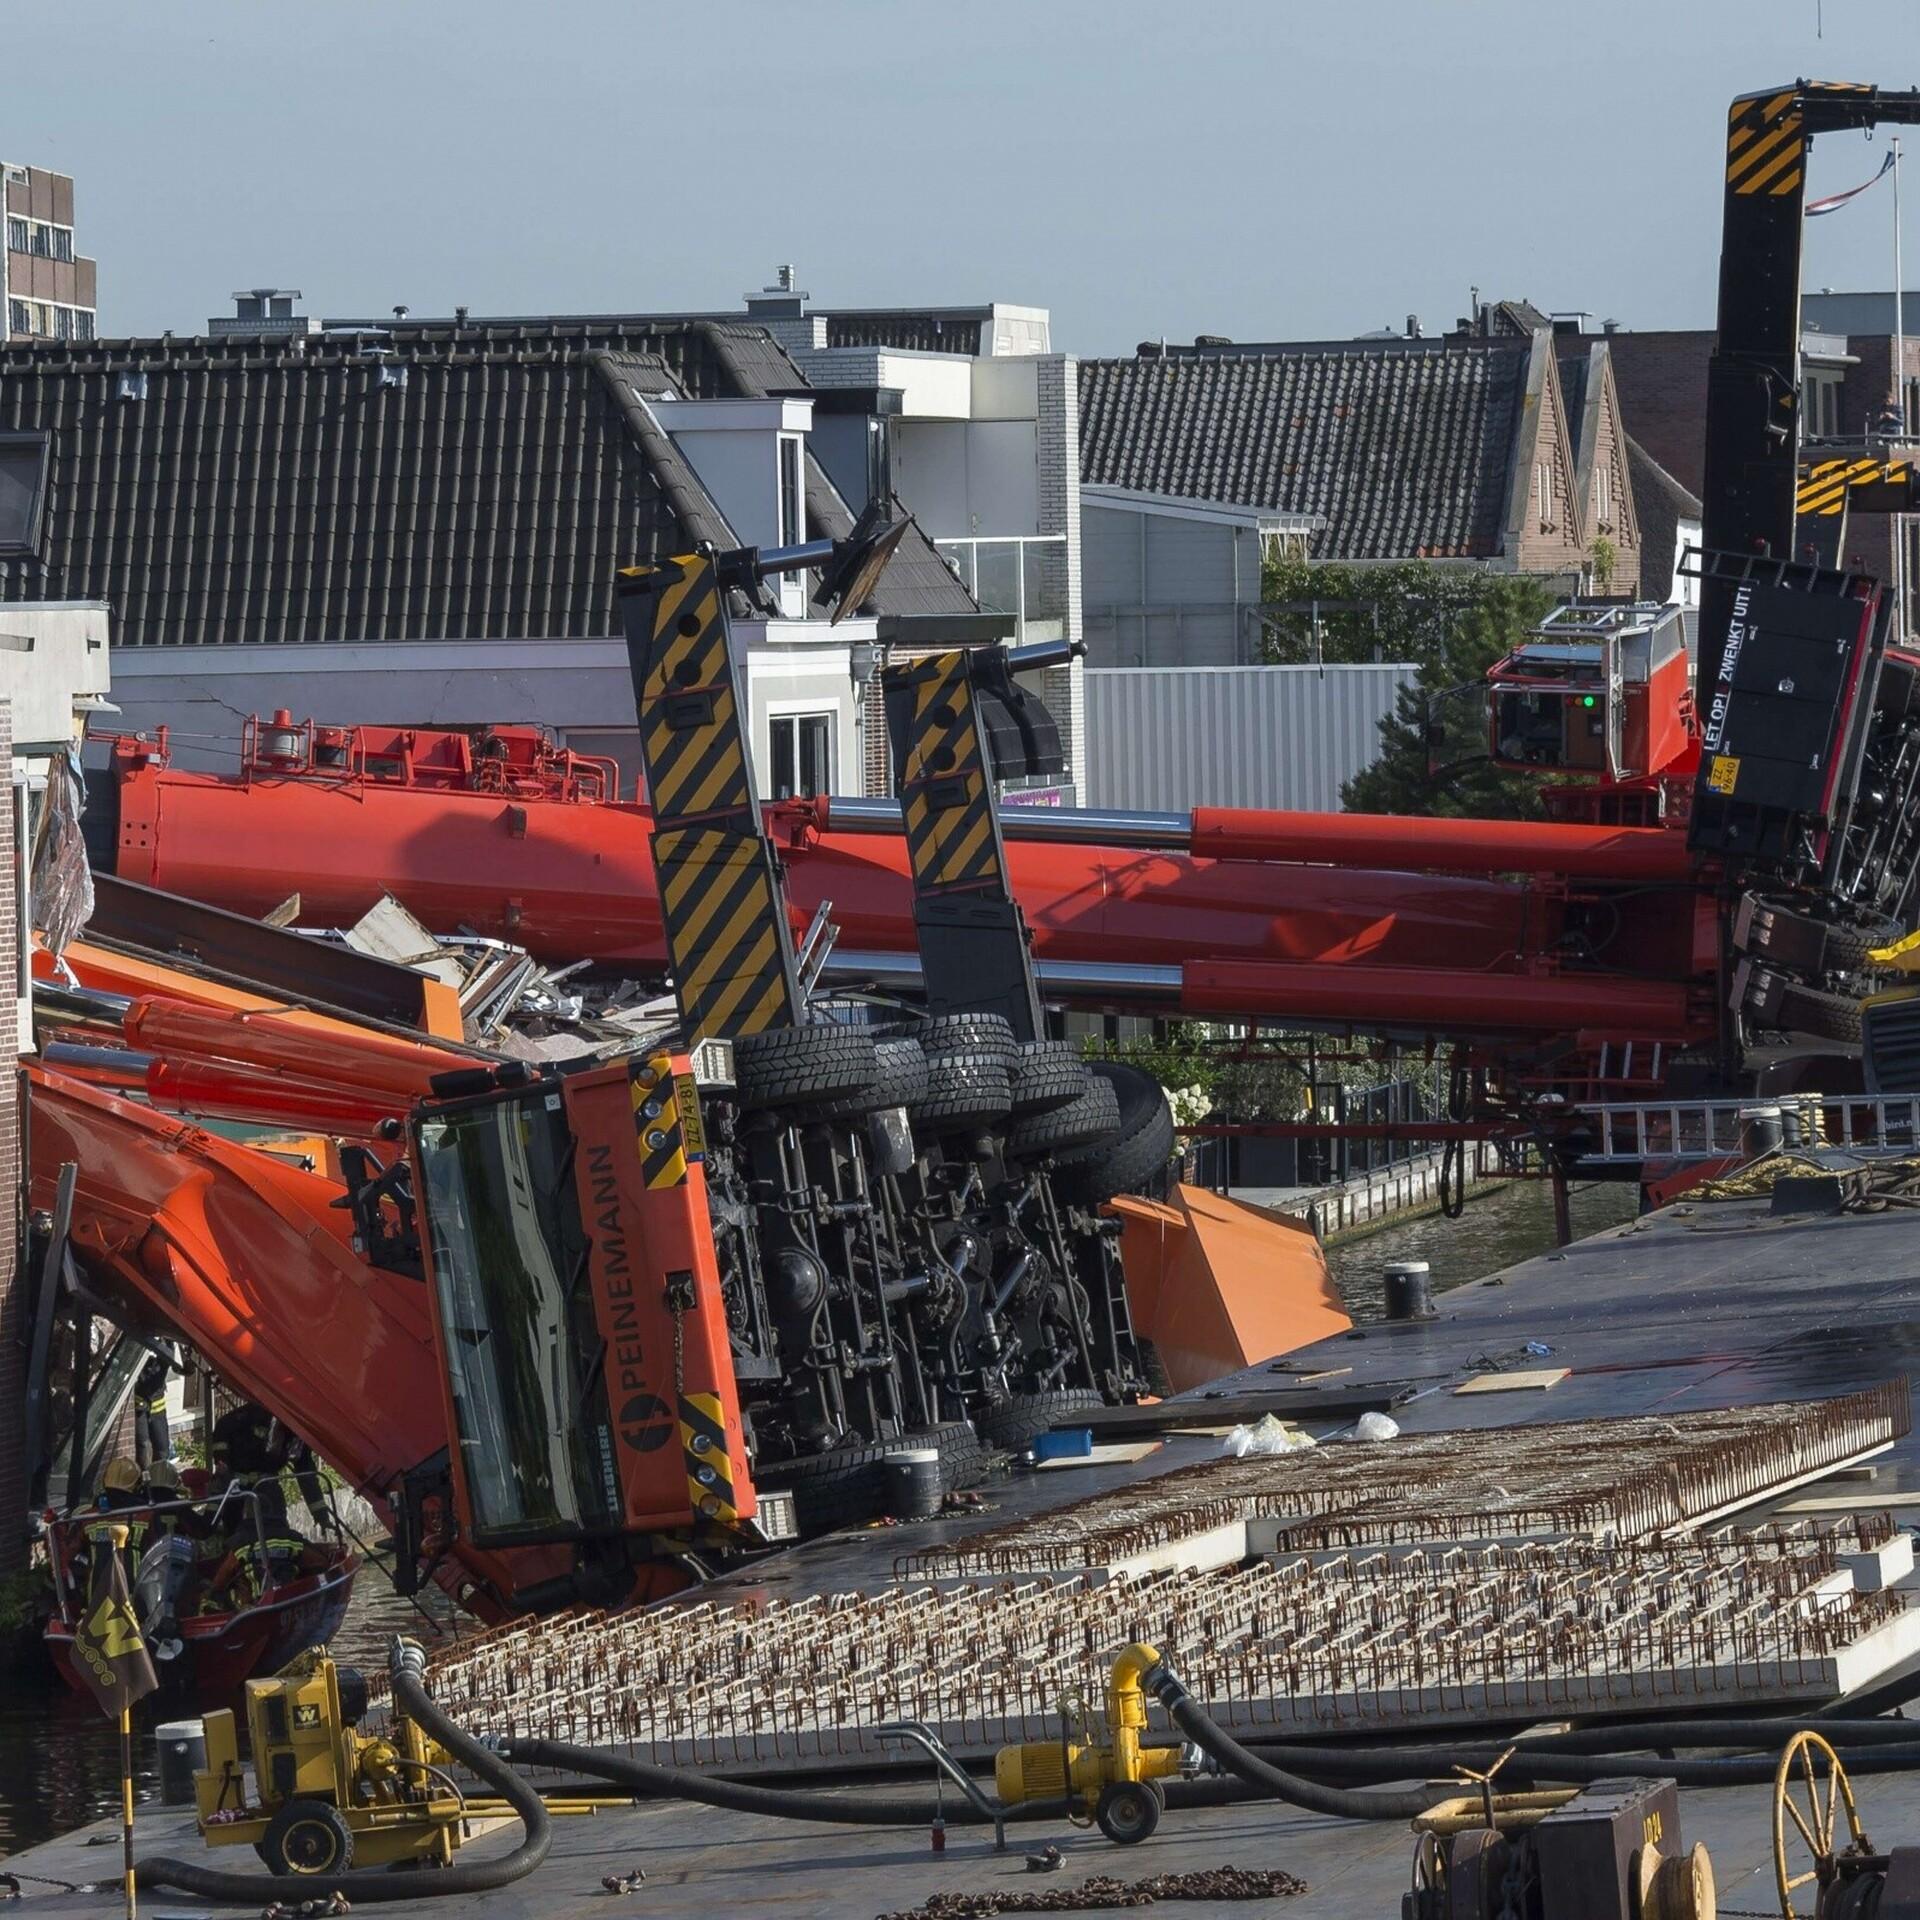 097264fe22c Kahe kraana kukkumises elumajadele sai Hollandis viga üks inimene |  Välismaa | ERR